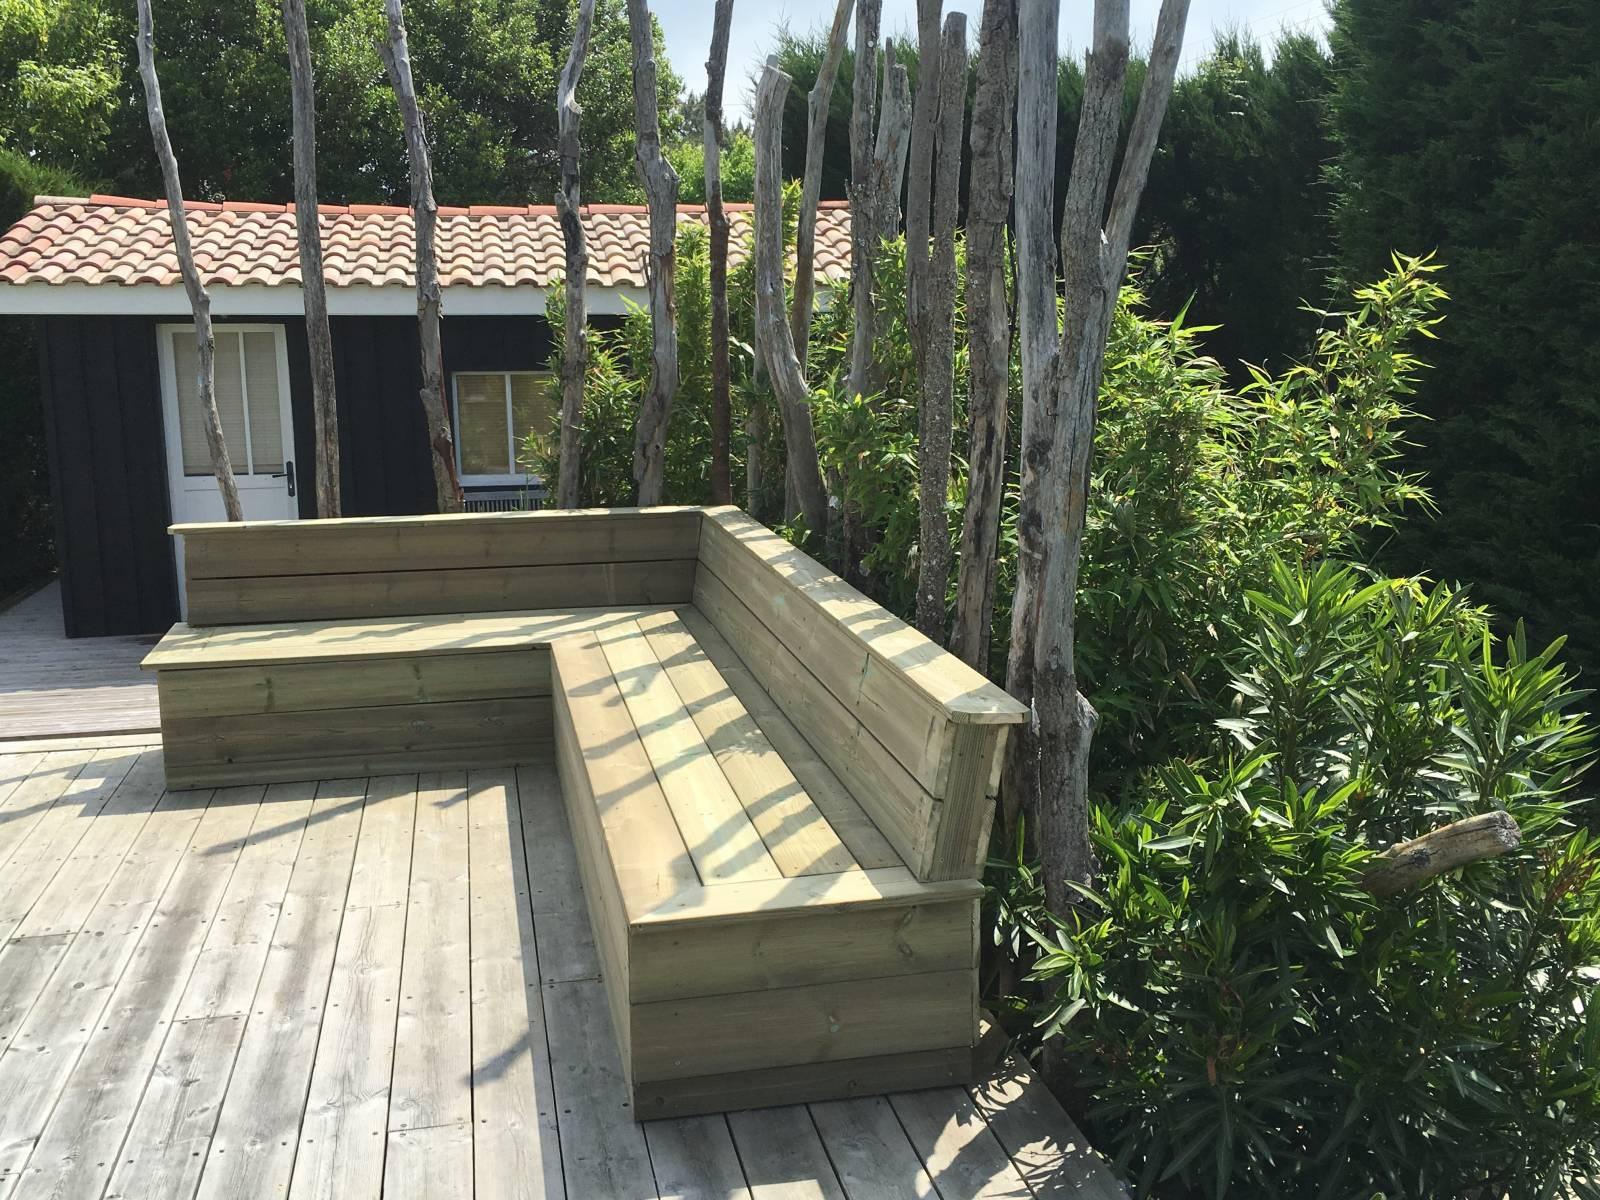 Fabrication Banc En Bois les meilleures images de banc en bois: plan fabrication banc